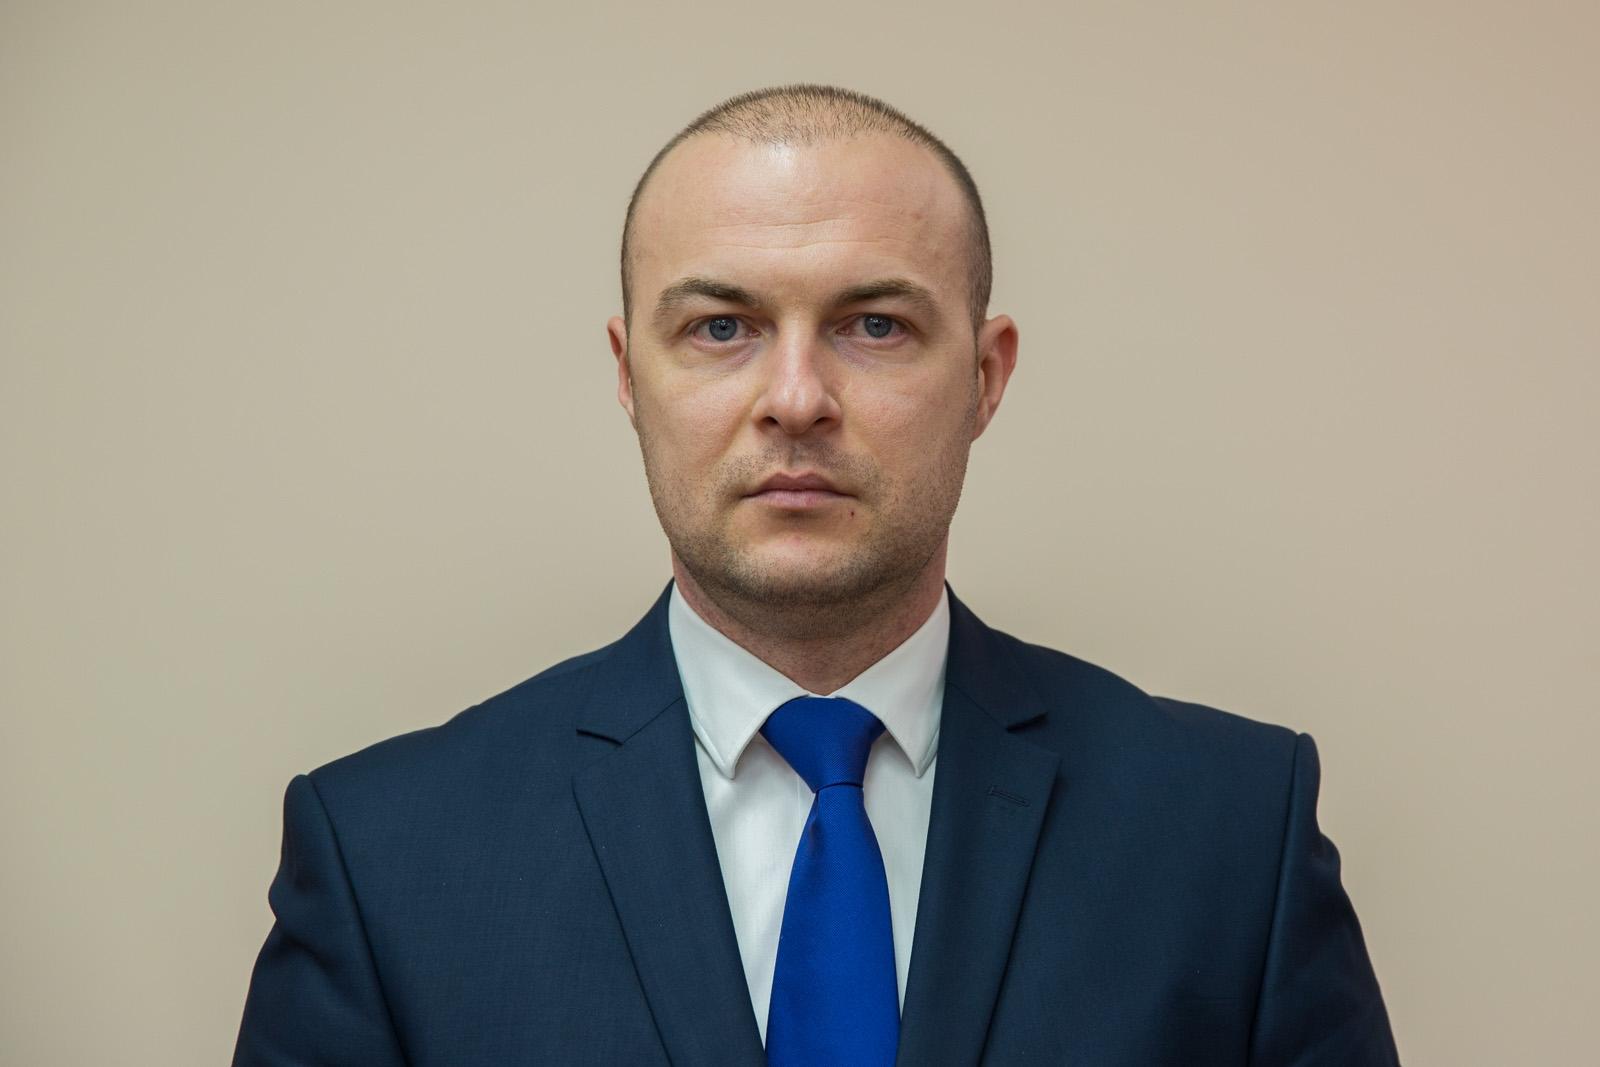 Consilierul premierului, Eremei Priseajniuc, i-a preluat atribuțiile de ales local în CMC lui Ruslan Codreanu